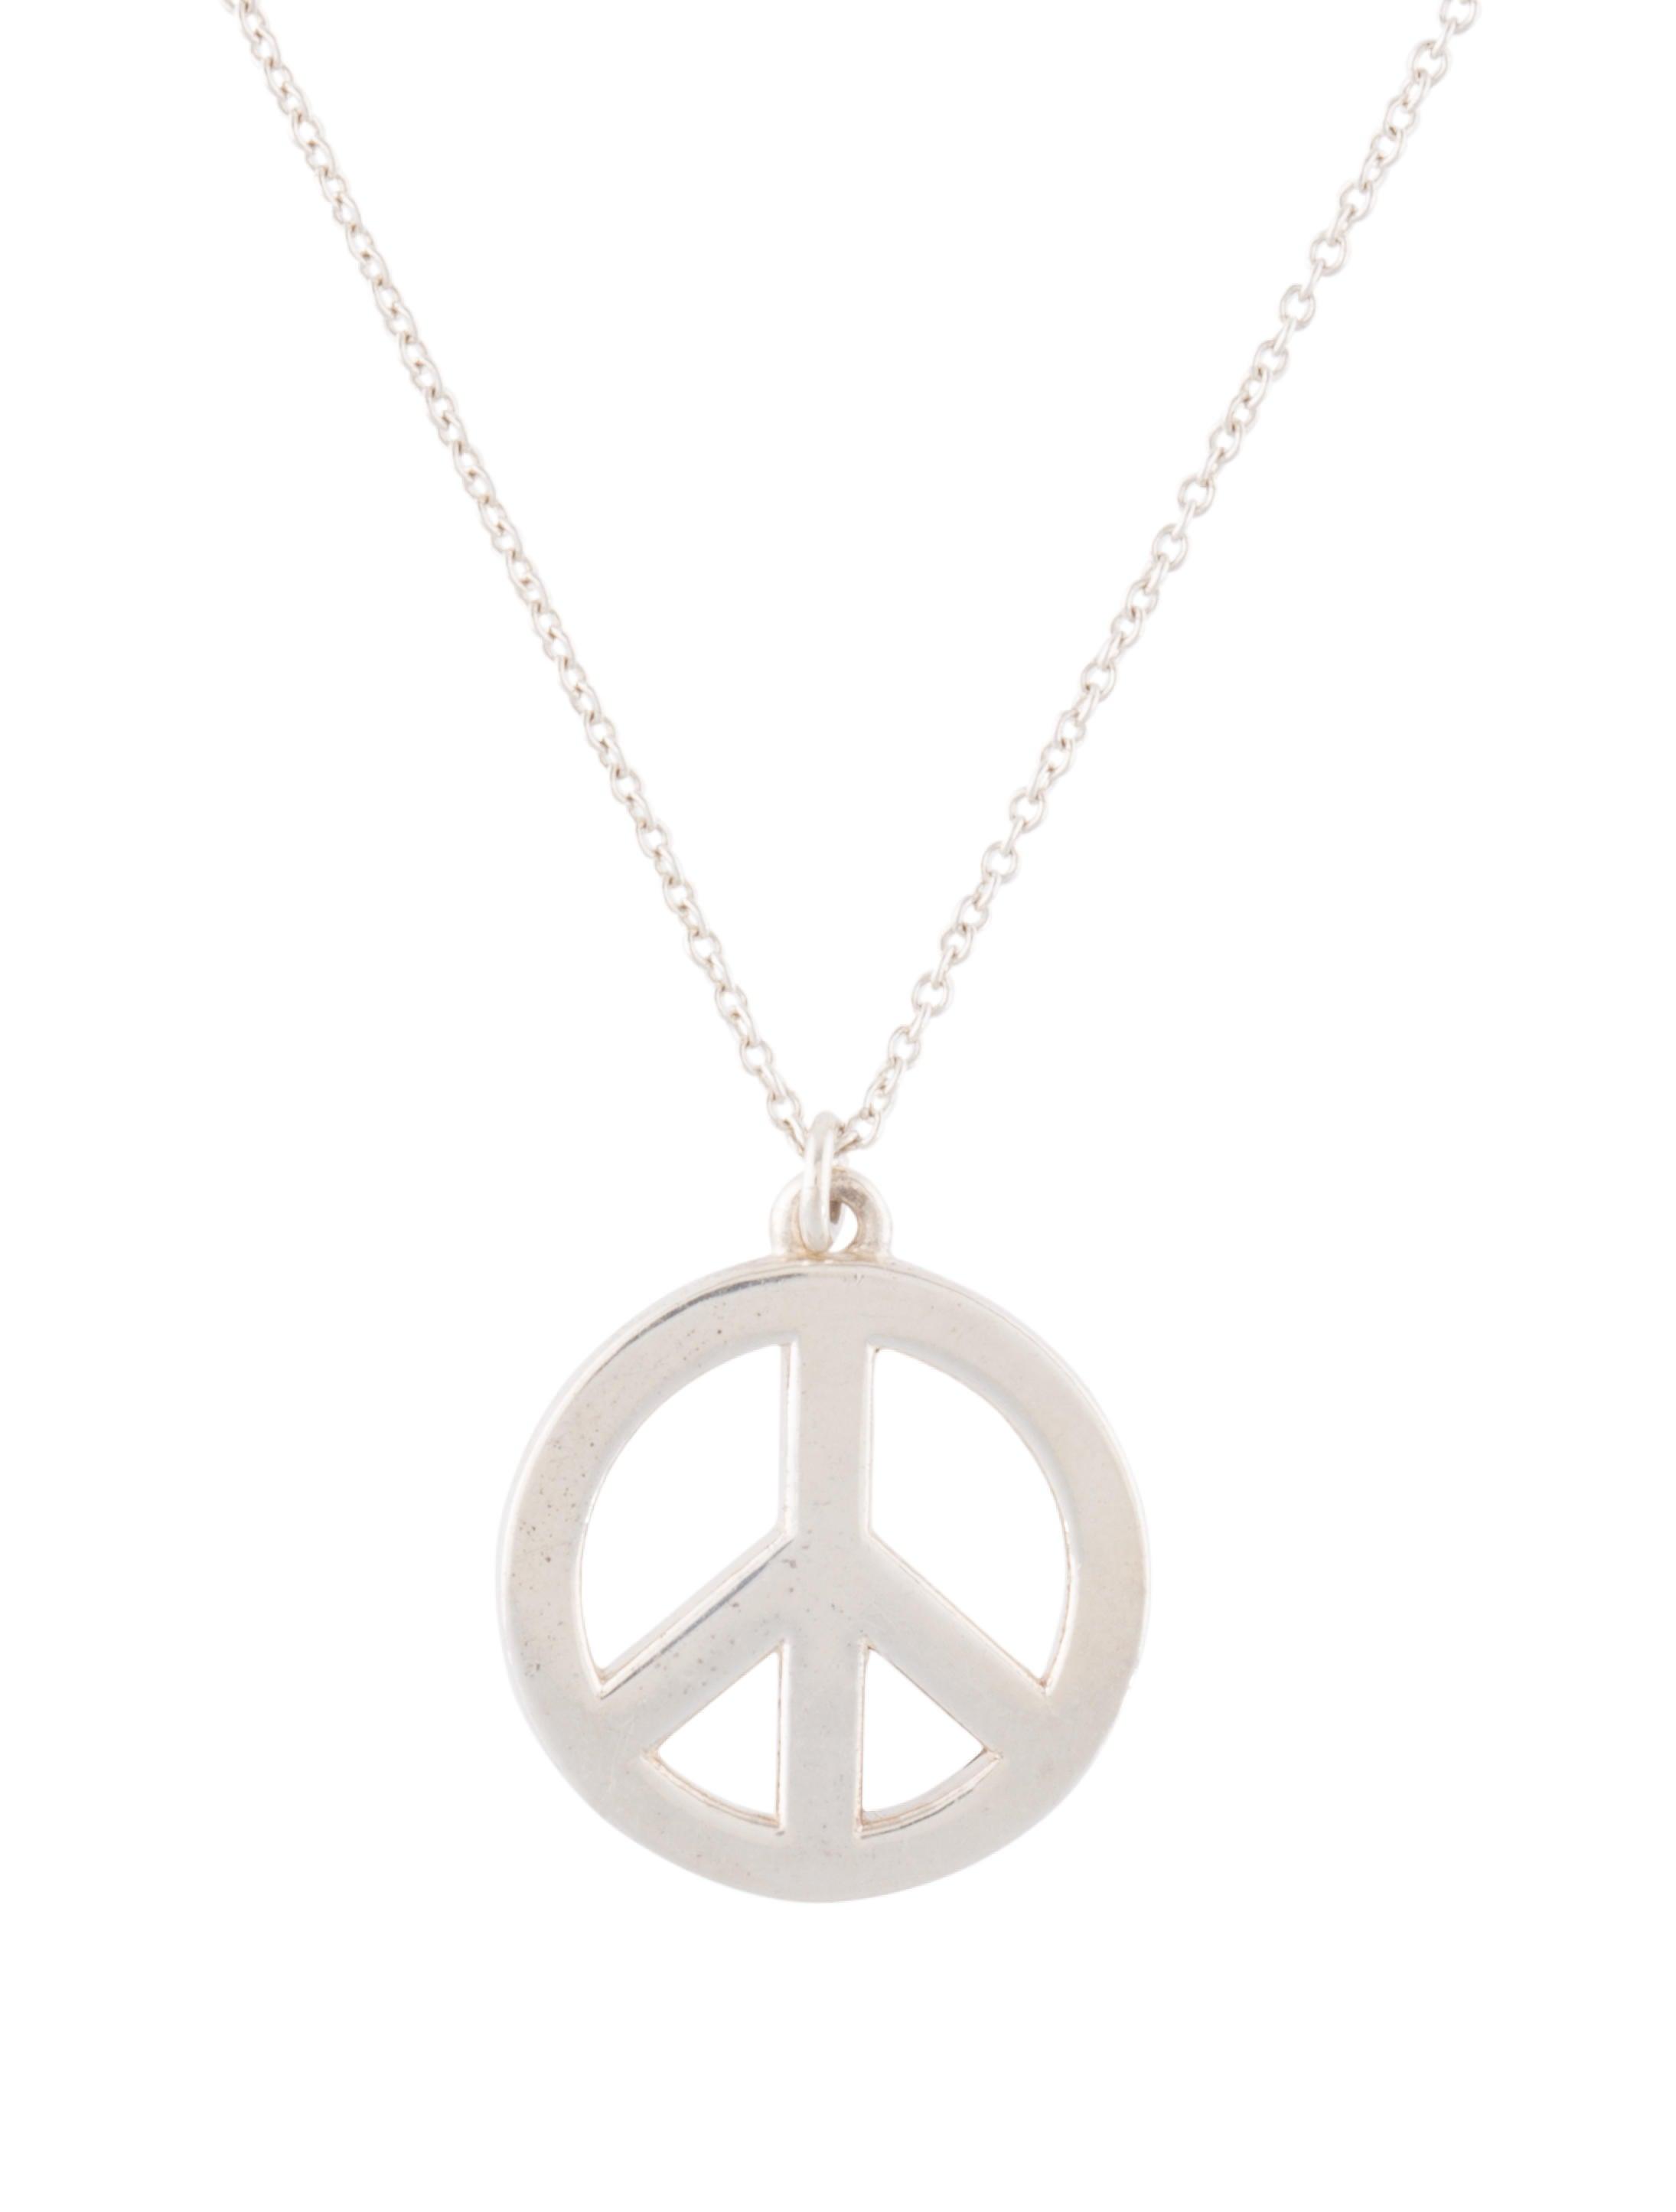 464a6d986 Tiffany & Co. Peace Sign Pendant Necklace - Necklaces - TIF66494 ...